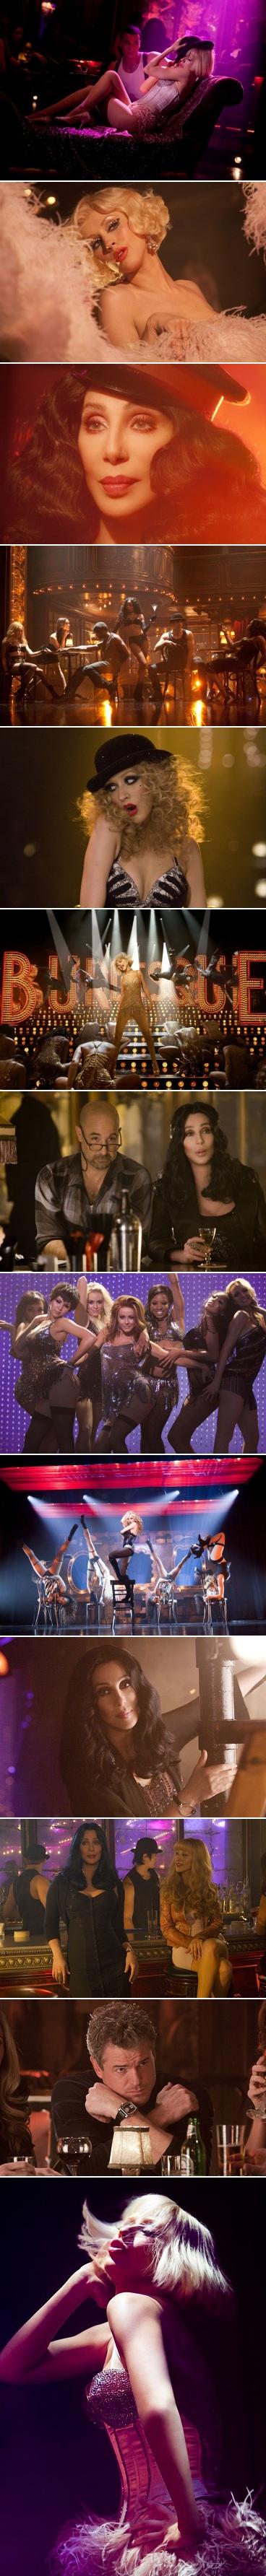 burlesque, christina aguilera, christina, aguilera, cher, stanley tucci, film, critique, analyse, chronique, steven antin, cabaret, lounge, chorégraphie, danse, chanson, musique, comédie musicale